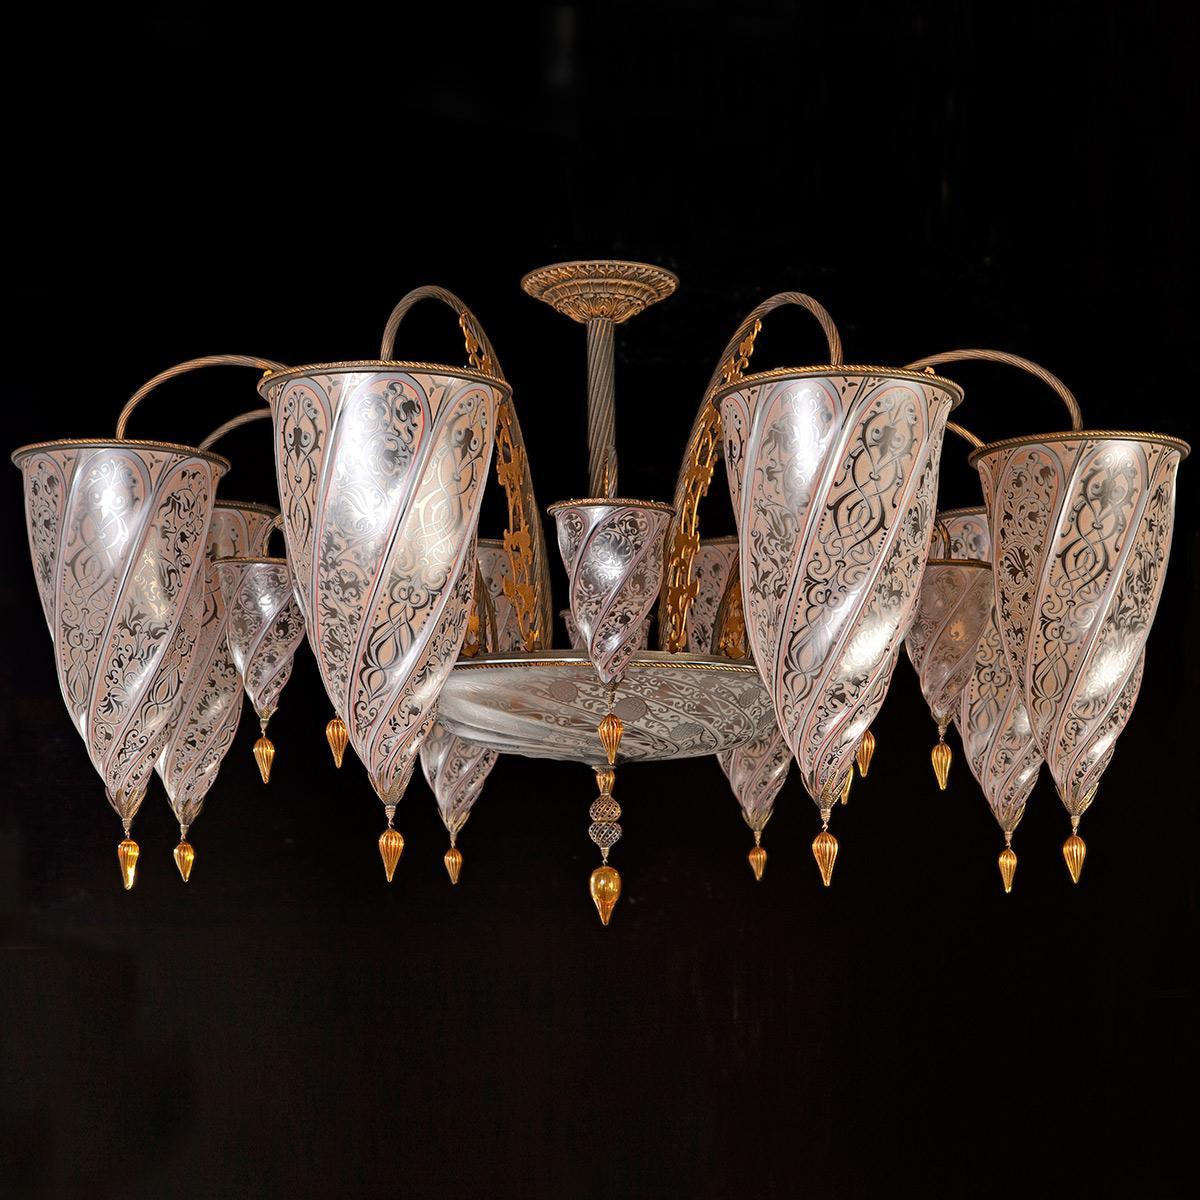 """""""Sinope"""" lampara de araña de Murano - 17 luces - neutral"""